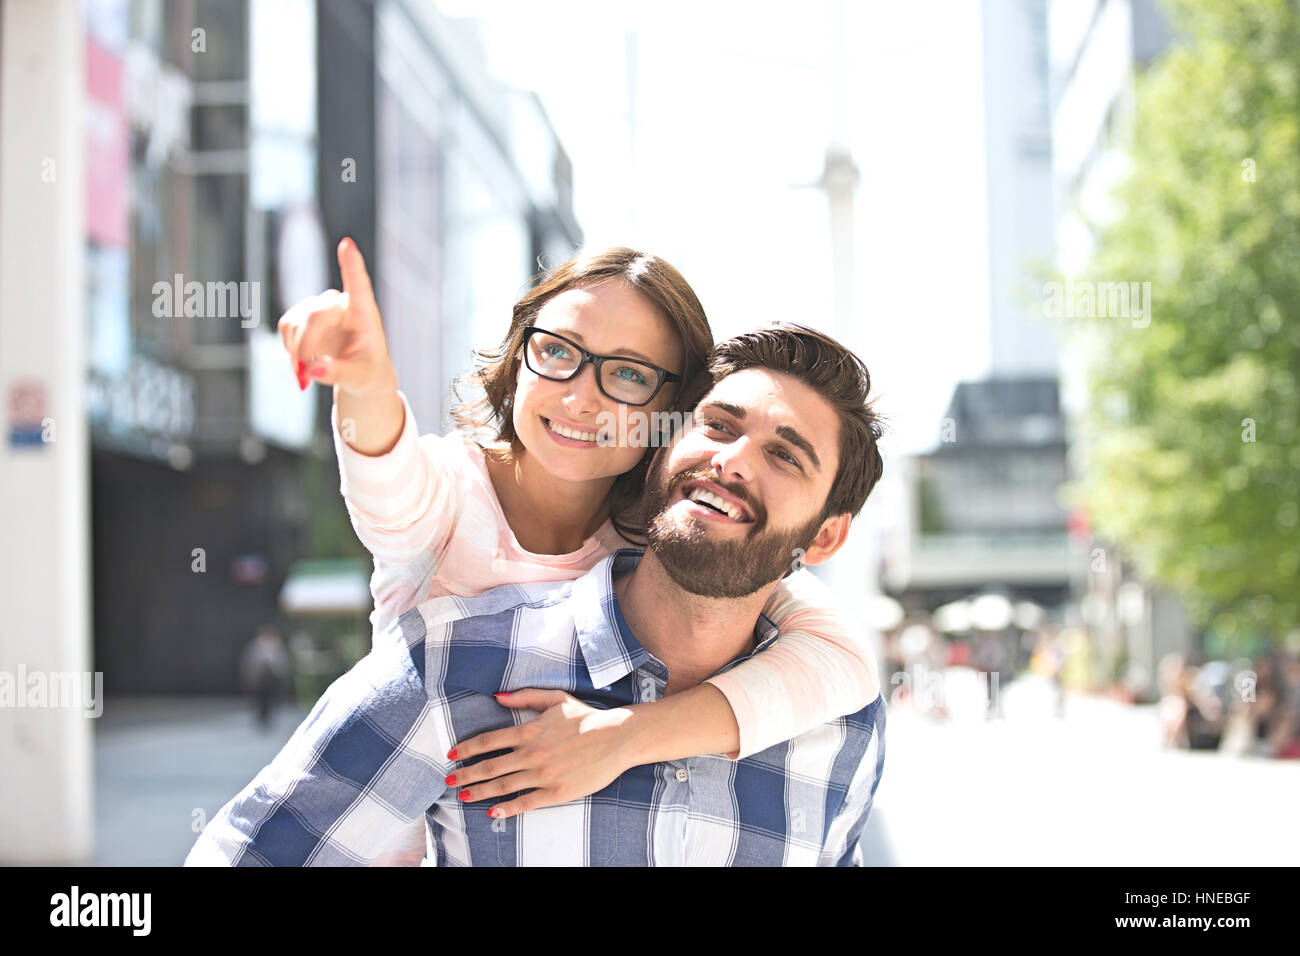 Mujer alegre apuntando hacia fuera mientras disfruta piggyback paseo sobre el hombre en la ciudad Foto de stock